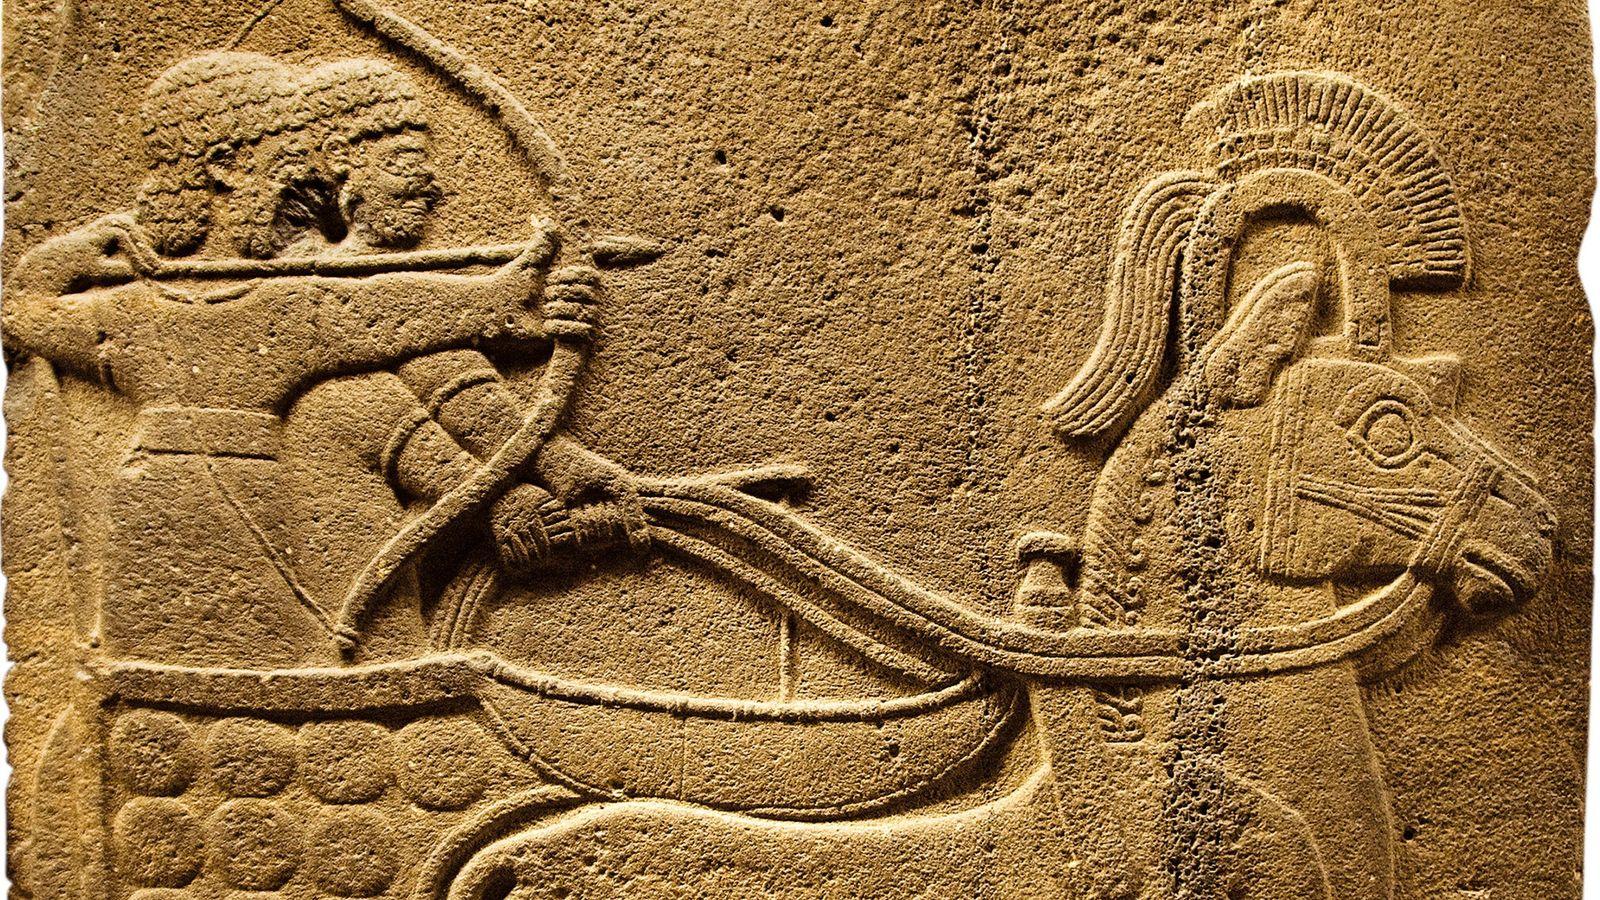 Ce relief représente un char écrasant un ennemi. Il a été réalisé entre le Xe et le ...